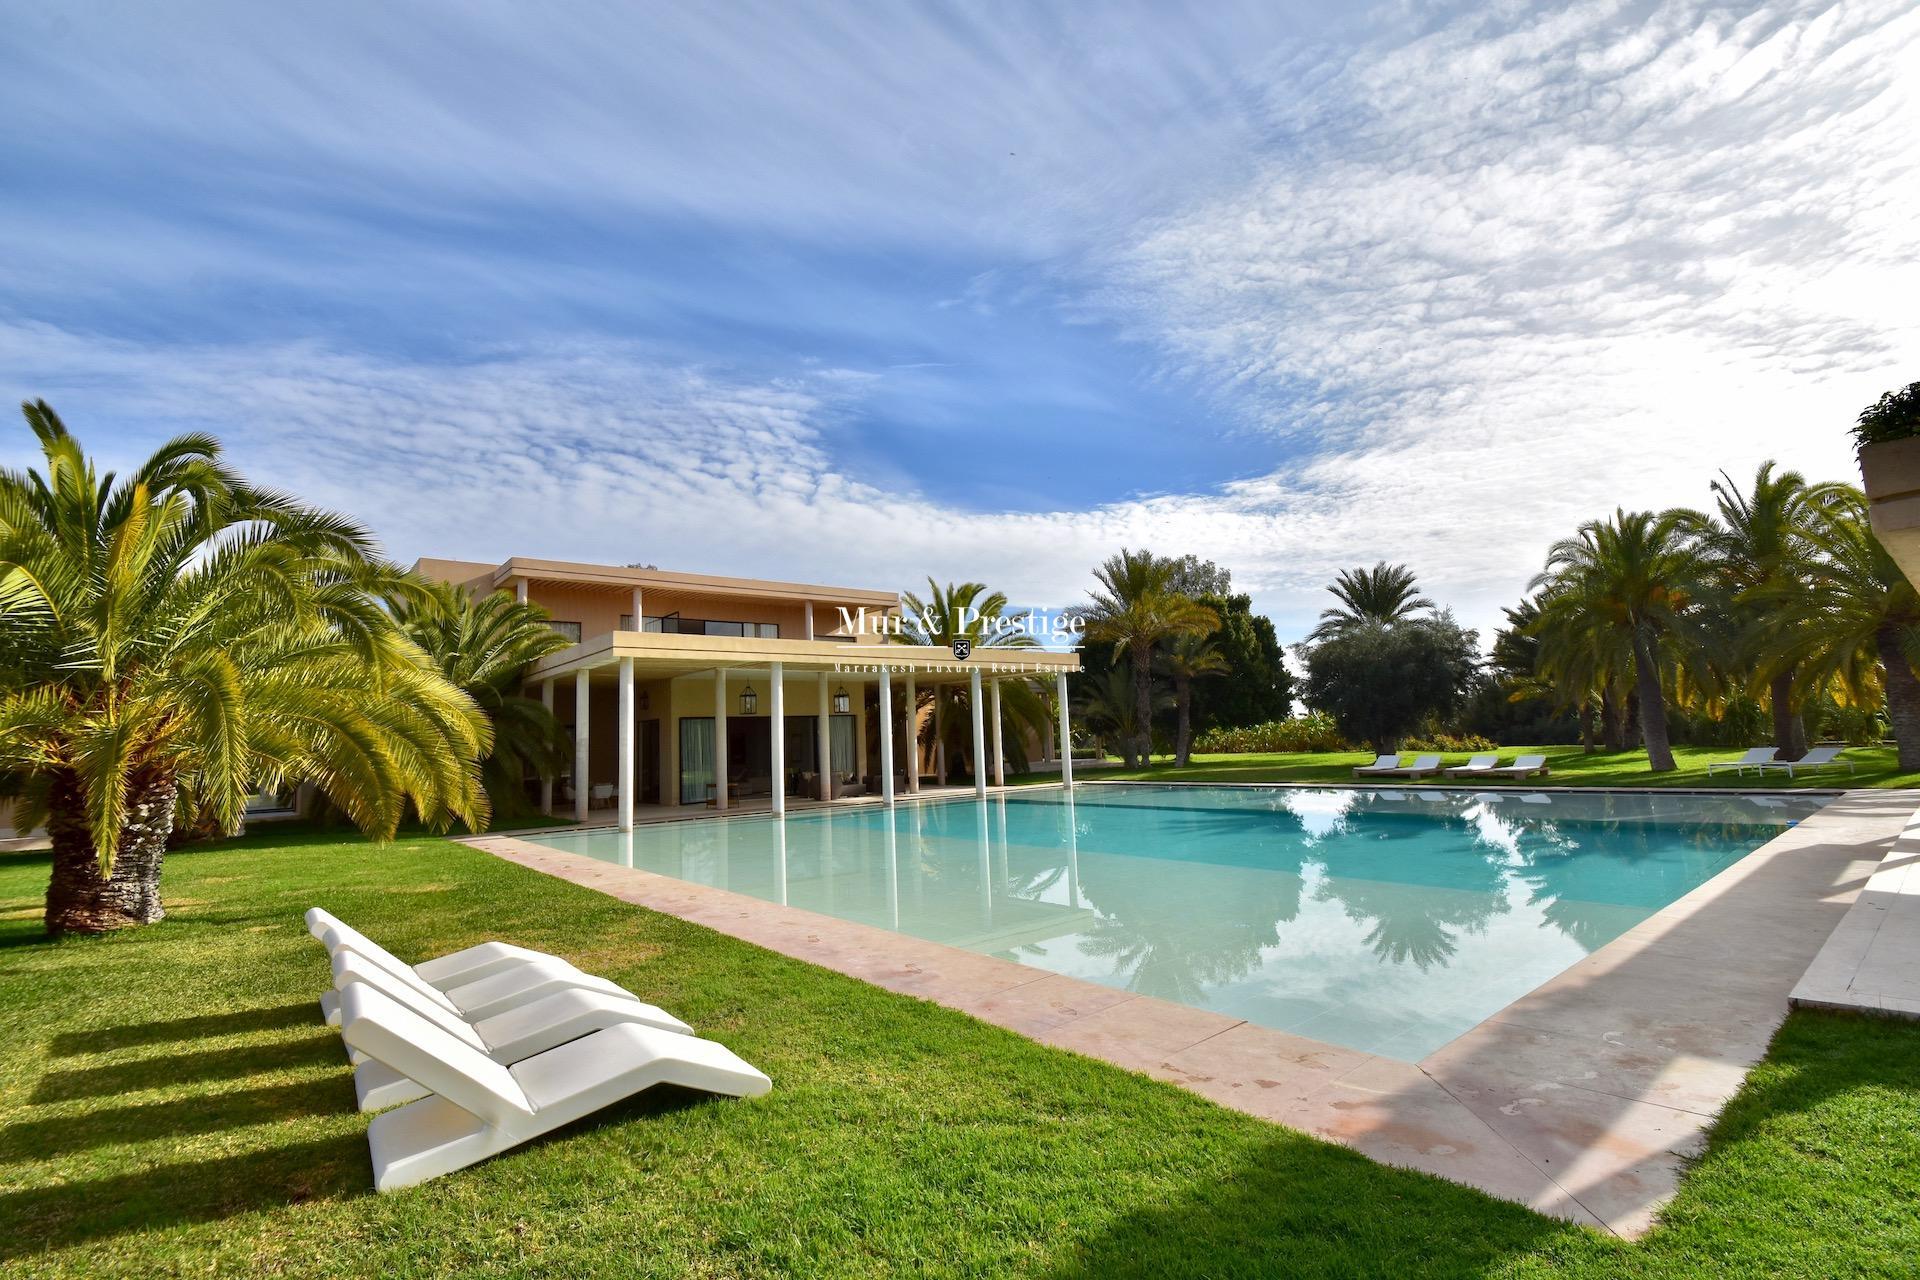 Agence immobilière à Marrakech – Maison de prestige à vendre